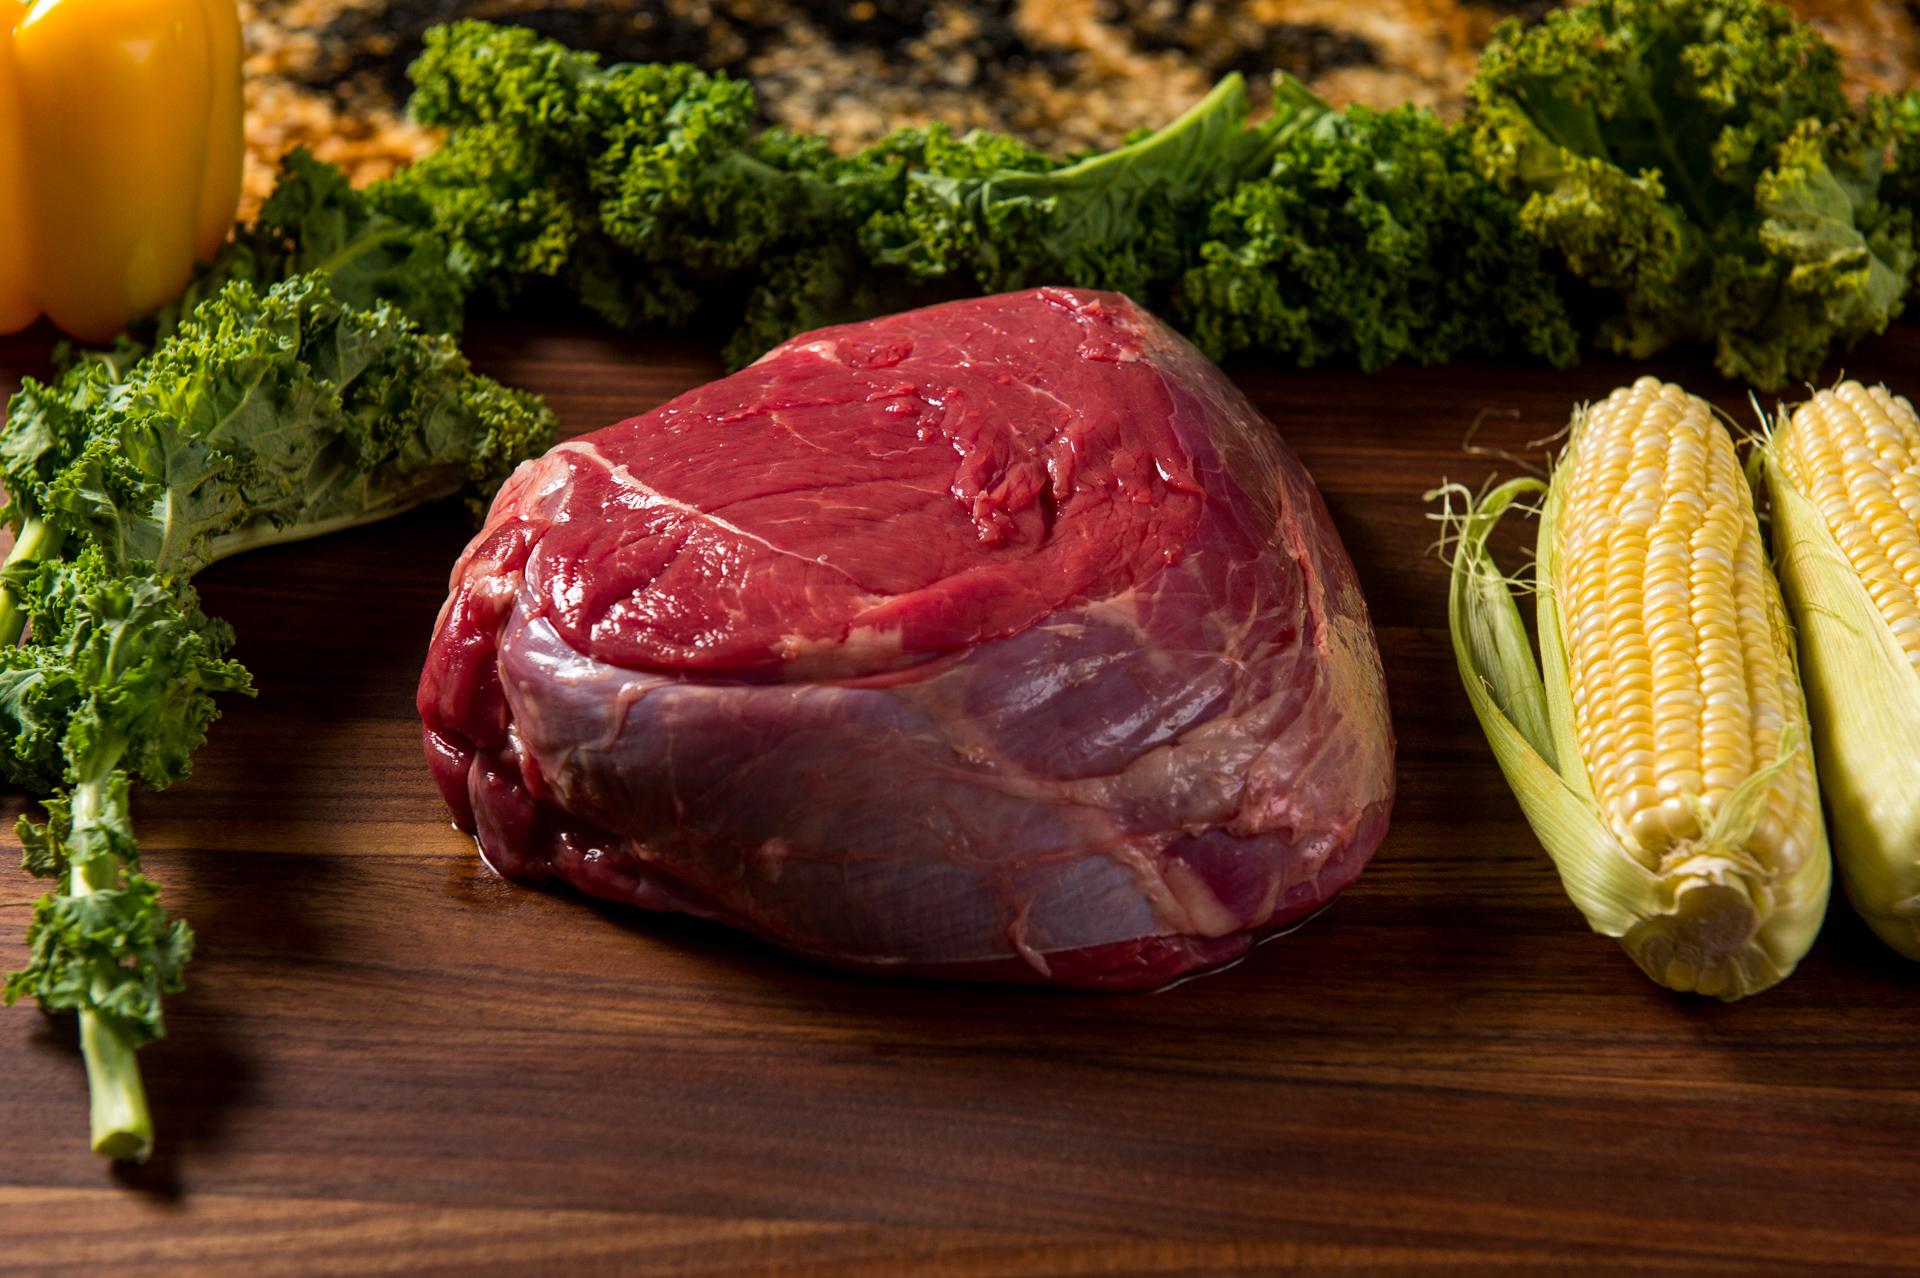 River Watch Beef - Grass Fed Sirloin Roast Top